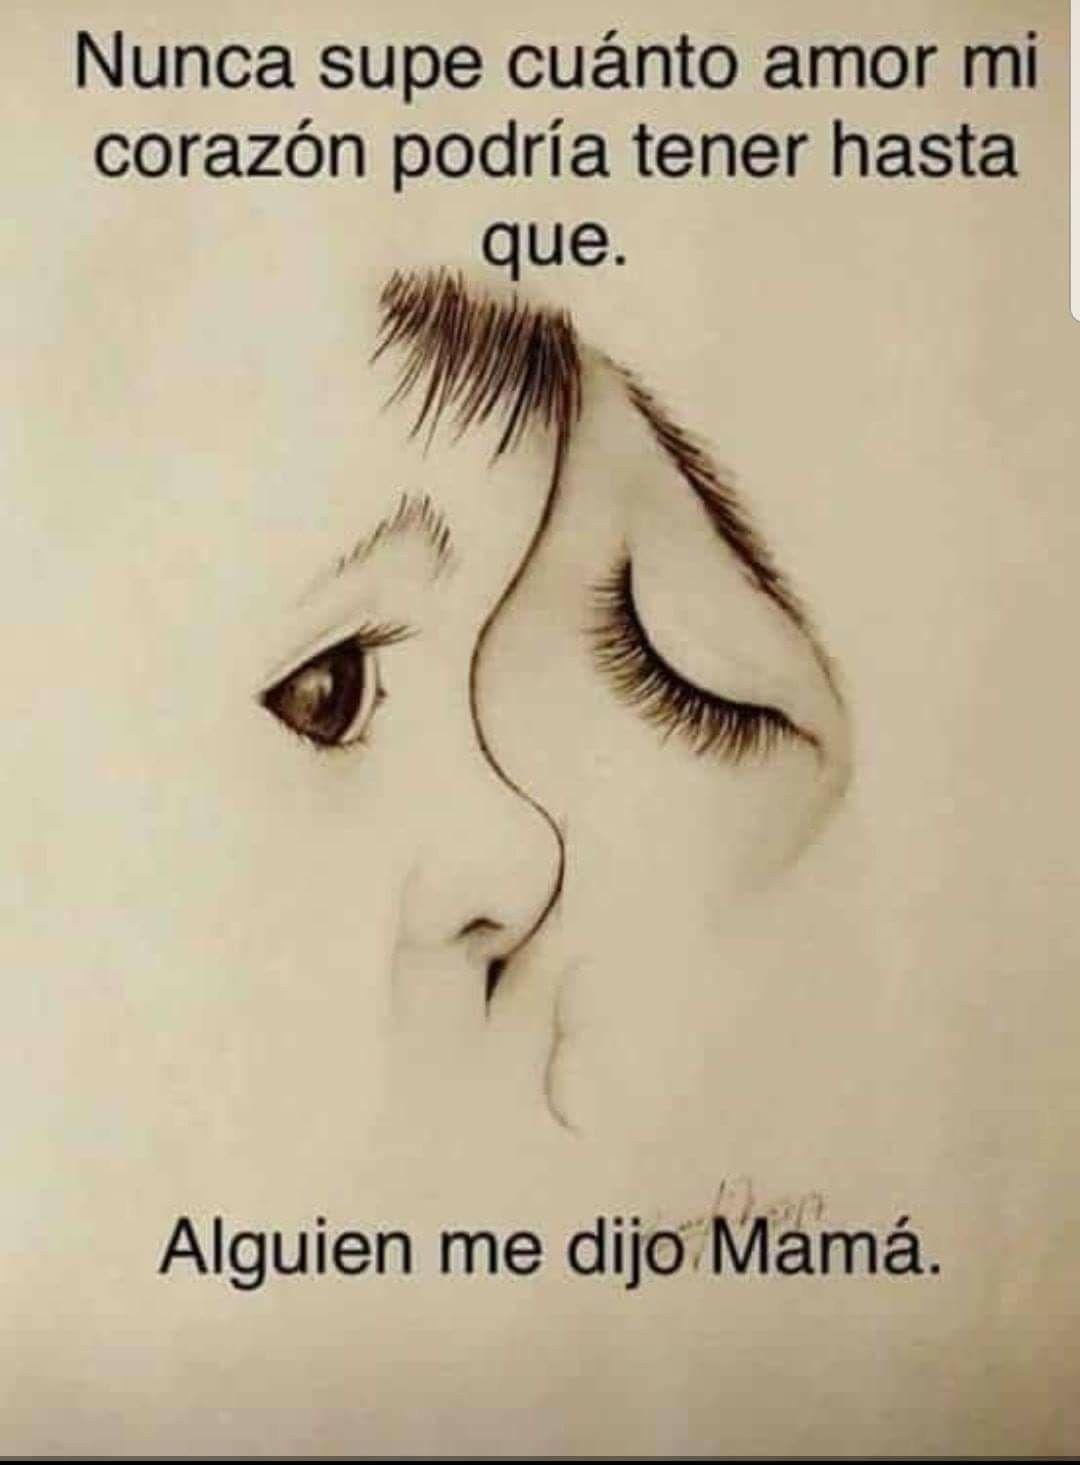 Pin De Kkarla Fonseca En Familia Y Amigos Frases De Mami Frases Para Hijos Frases Para Madres